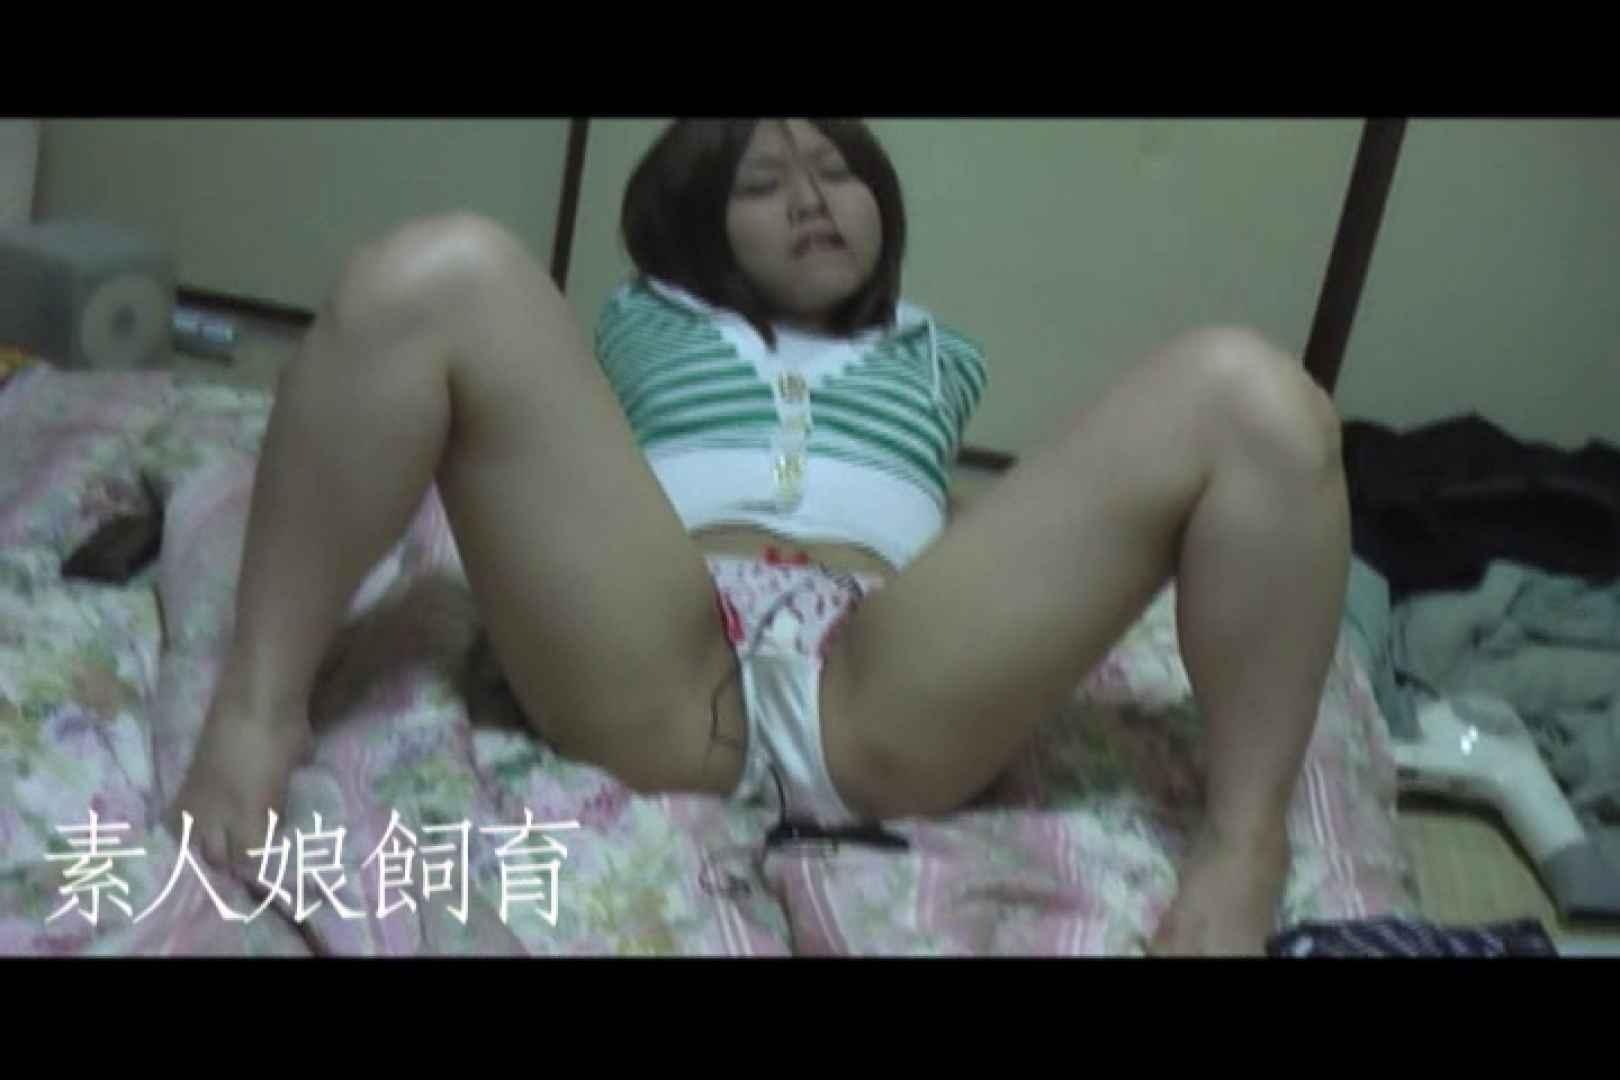 素人嬢飼育~お前の餌は他人棒~WEBで晒する為にハメ撮りvol.2 他人棒 セックス画像 81pic 77